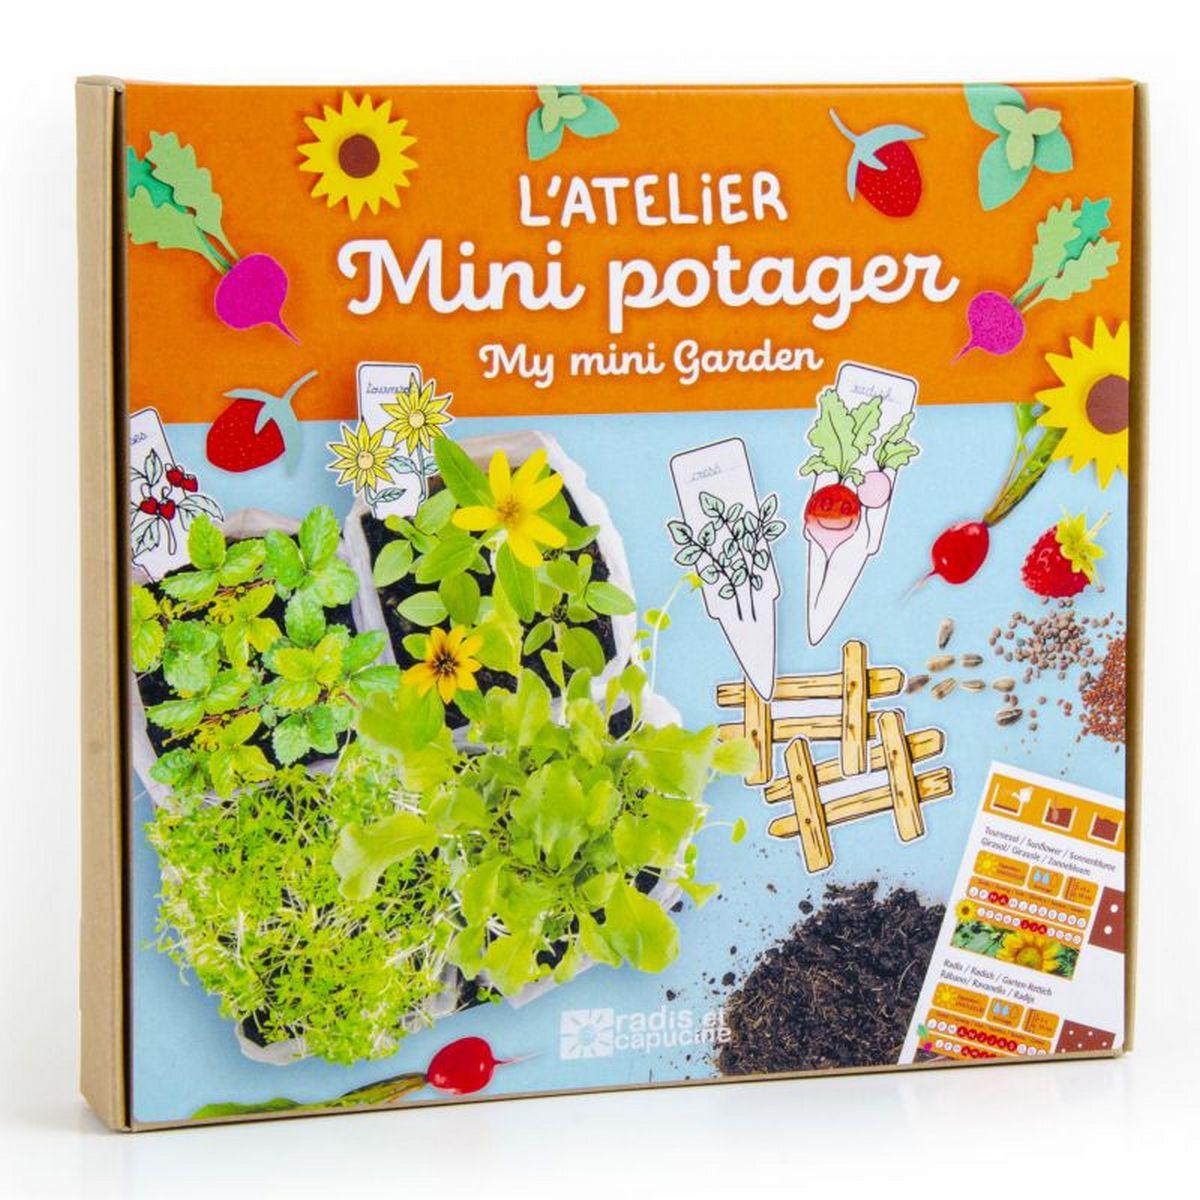 Coffret Je fais pousser mon potager miniature pour jardinier en herbe